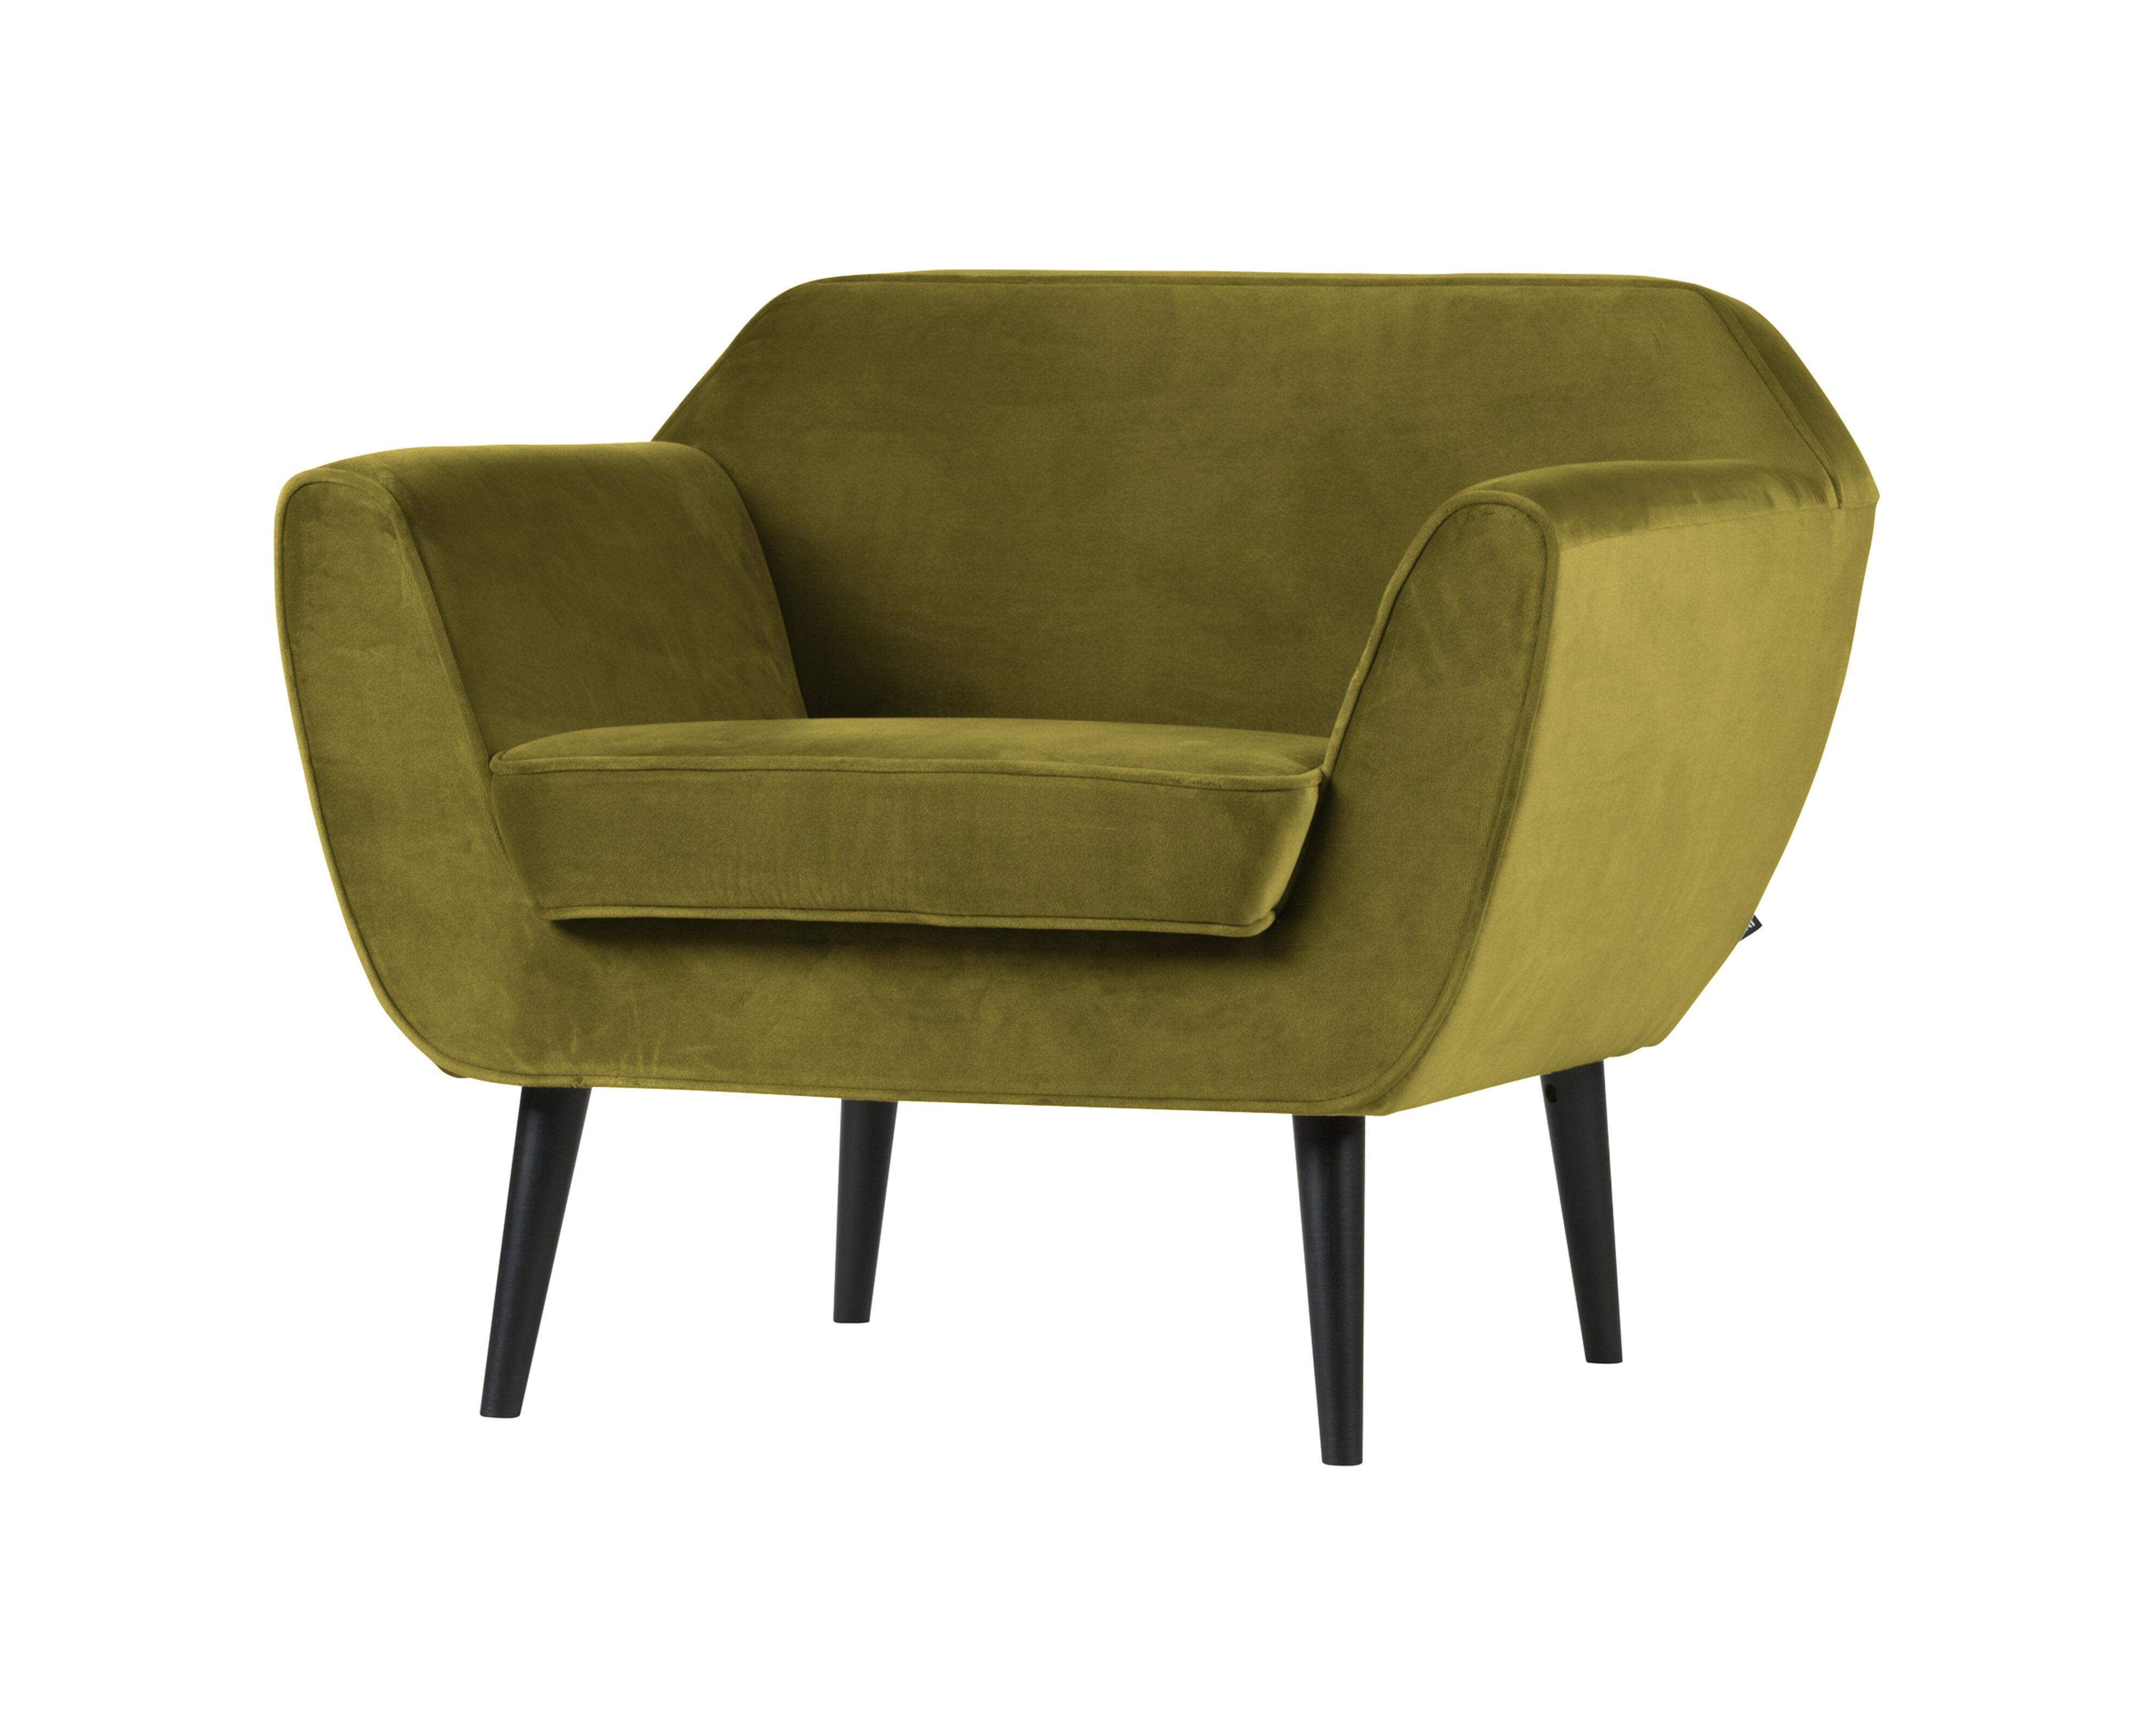 Uw partner in meubels: WOOOD Fauteuil 'Rocco', kleur Olijfgroen